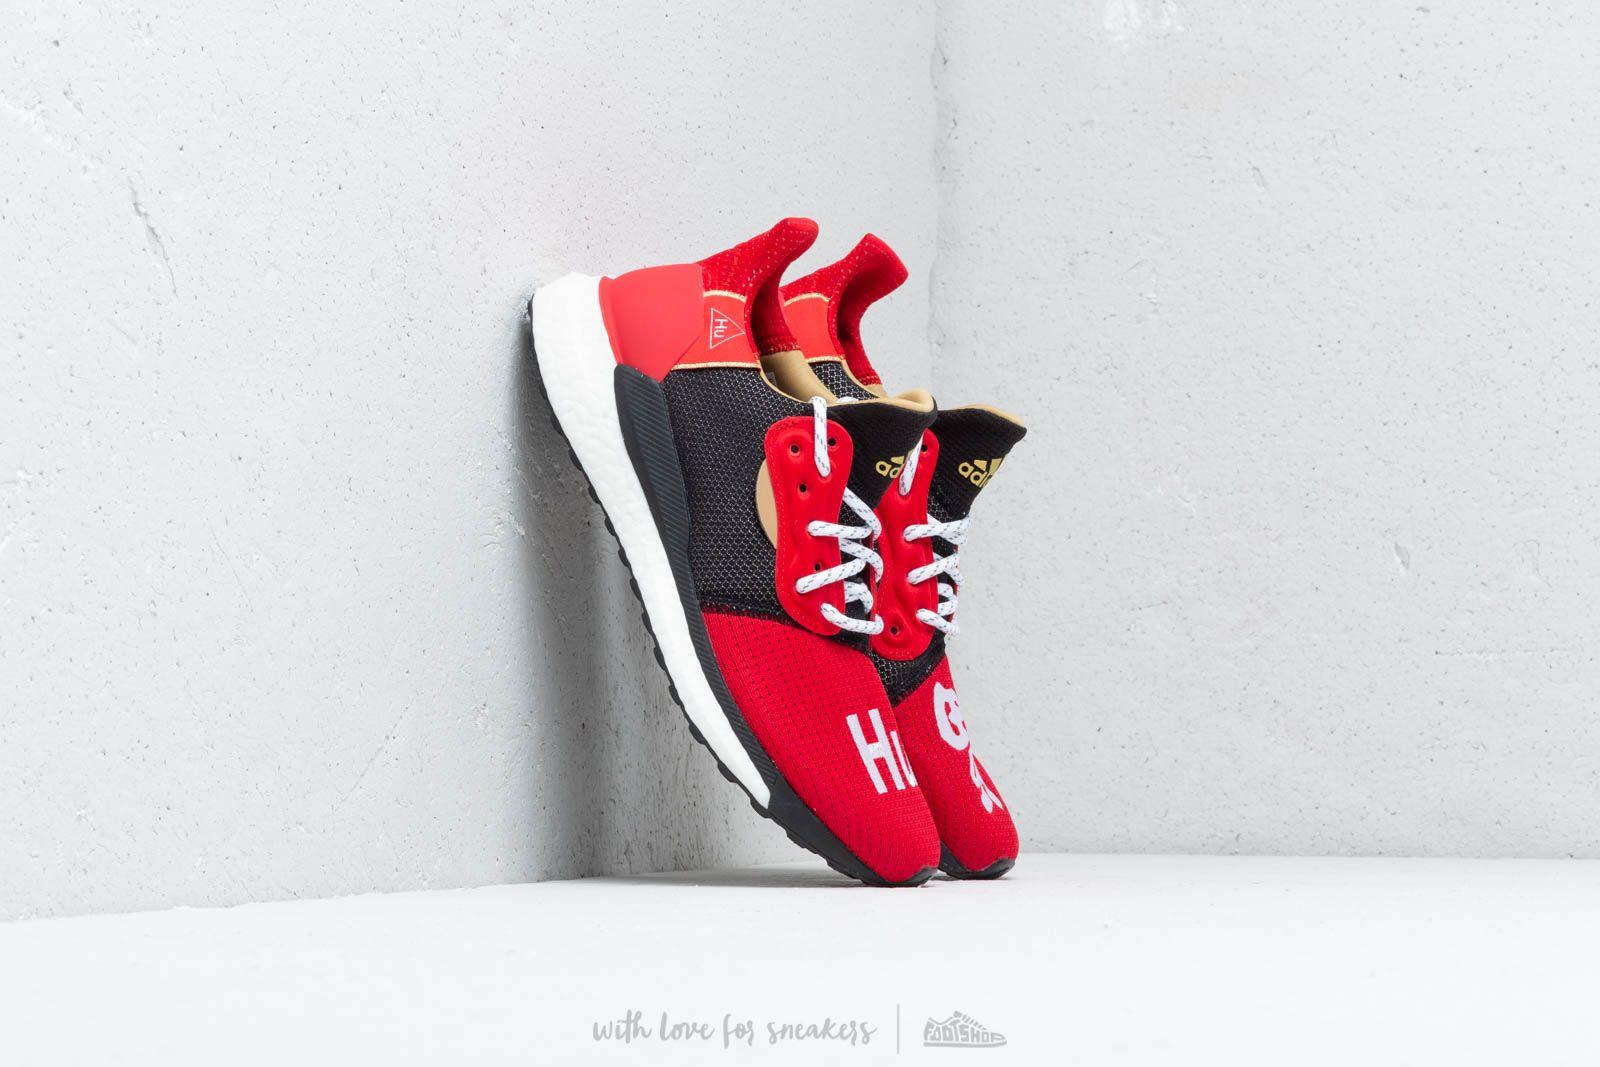 Misión flotador Corredor  Men's shoes adidas x Pharrell Williams Solar HU Glide CNY Red/ Core Black |  Footshop